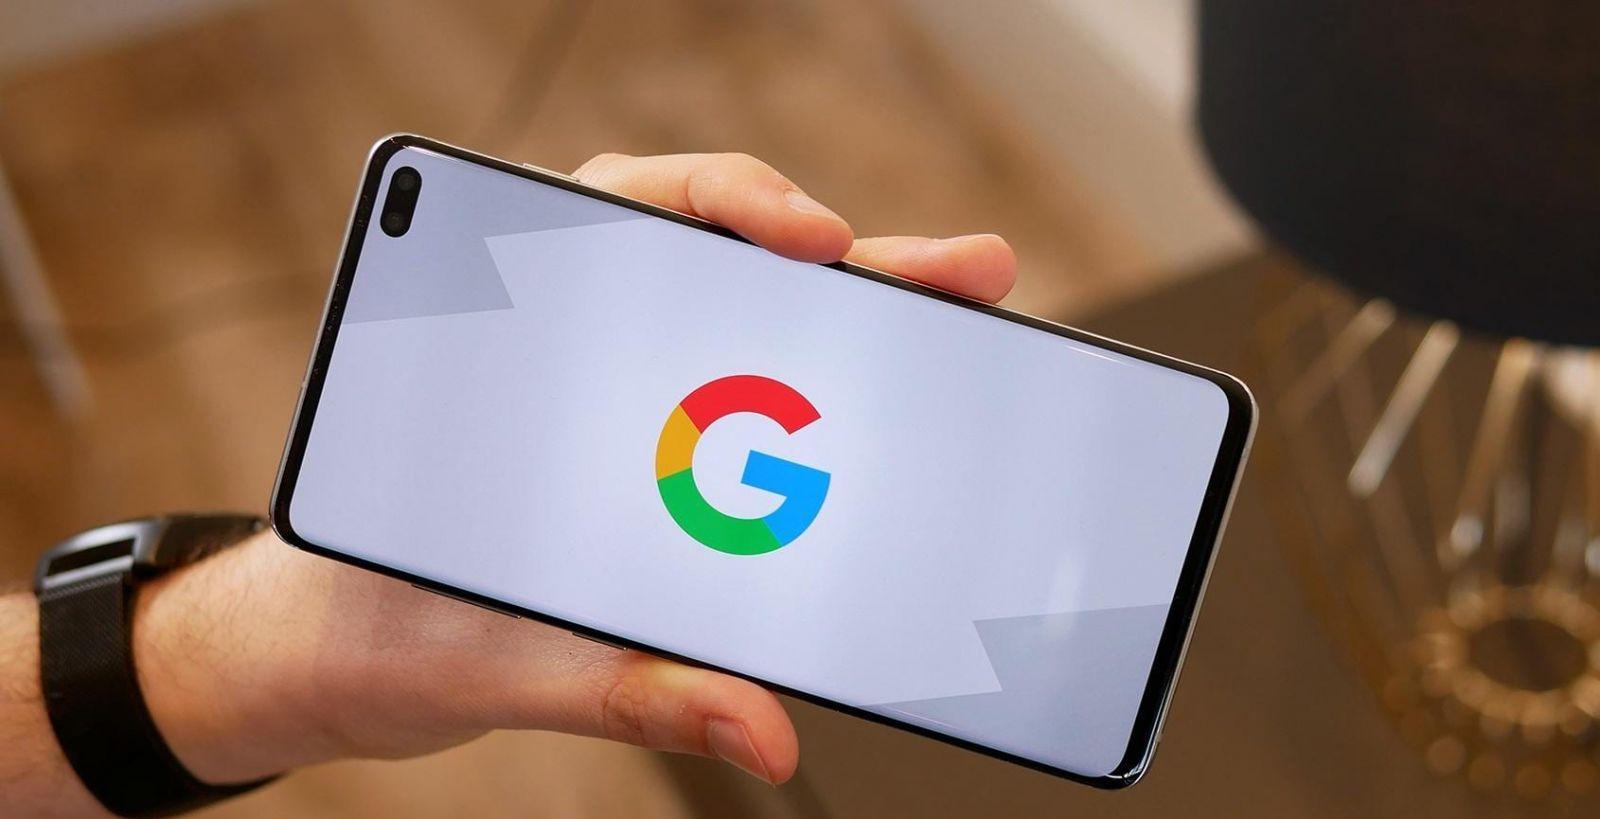 В Сети появились итоговые характеристики смартфонов Google Pixel 4 и Pixel 4 XL (google pixel 4)